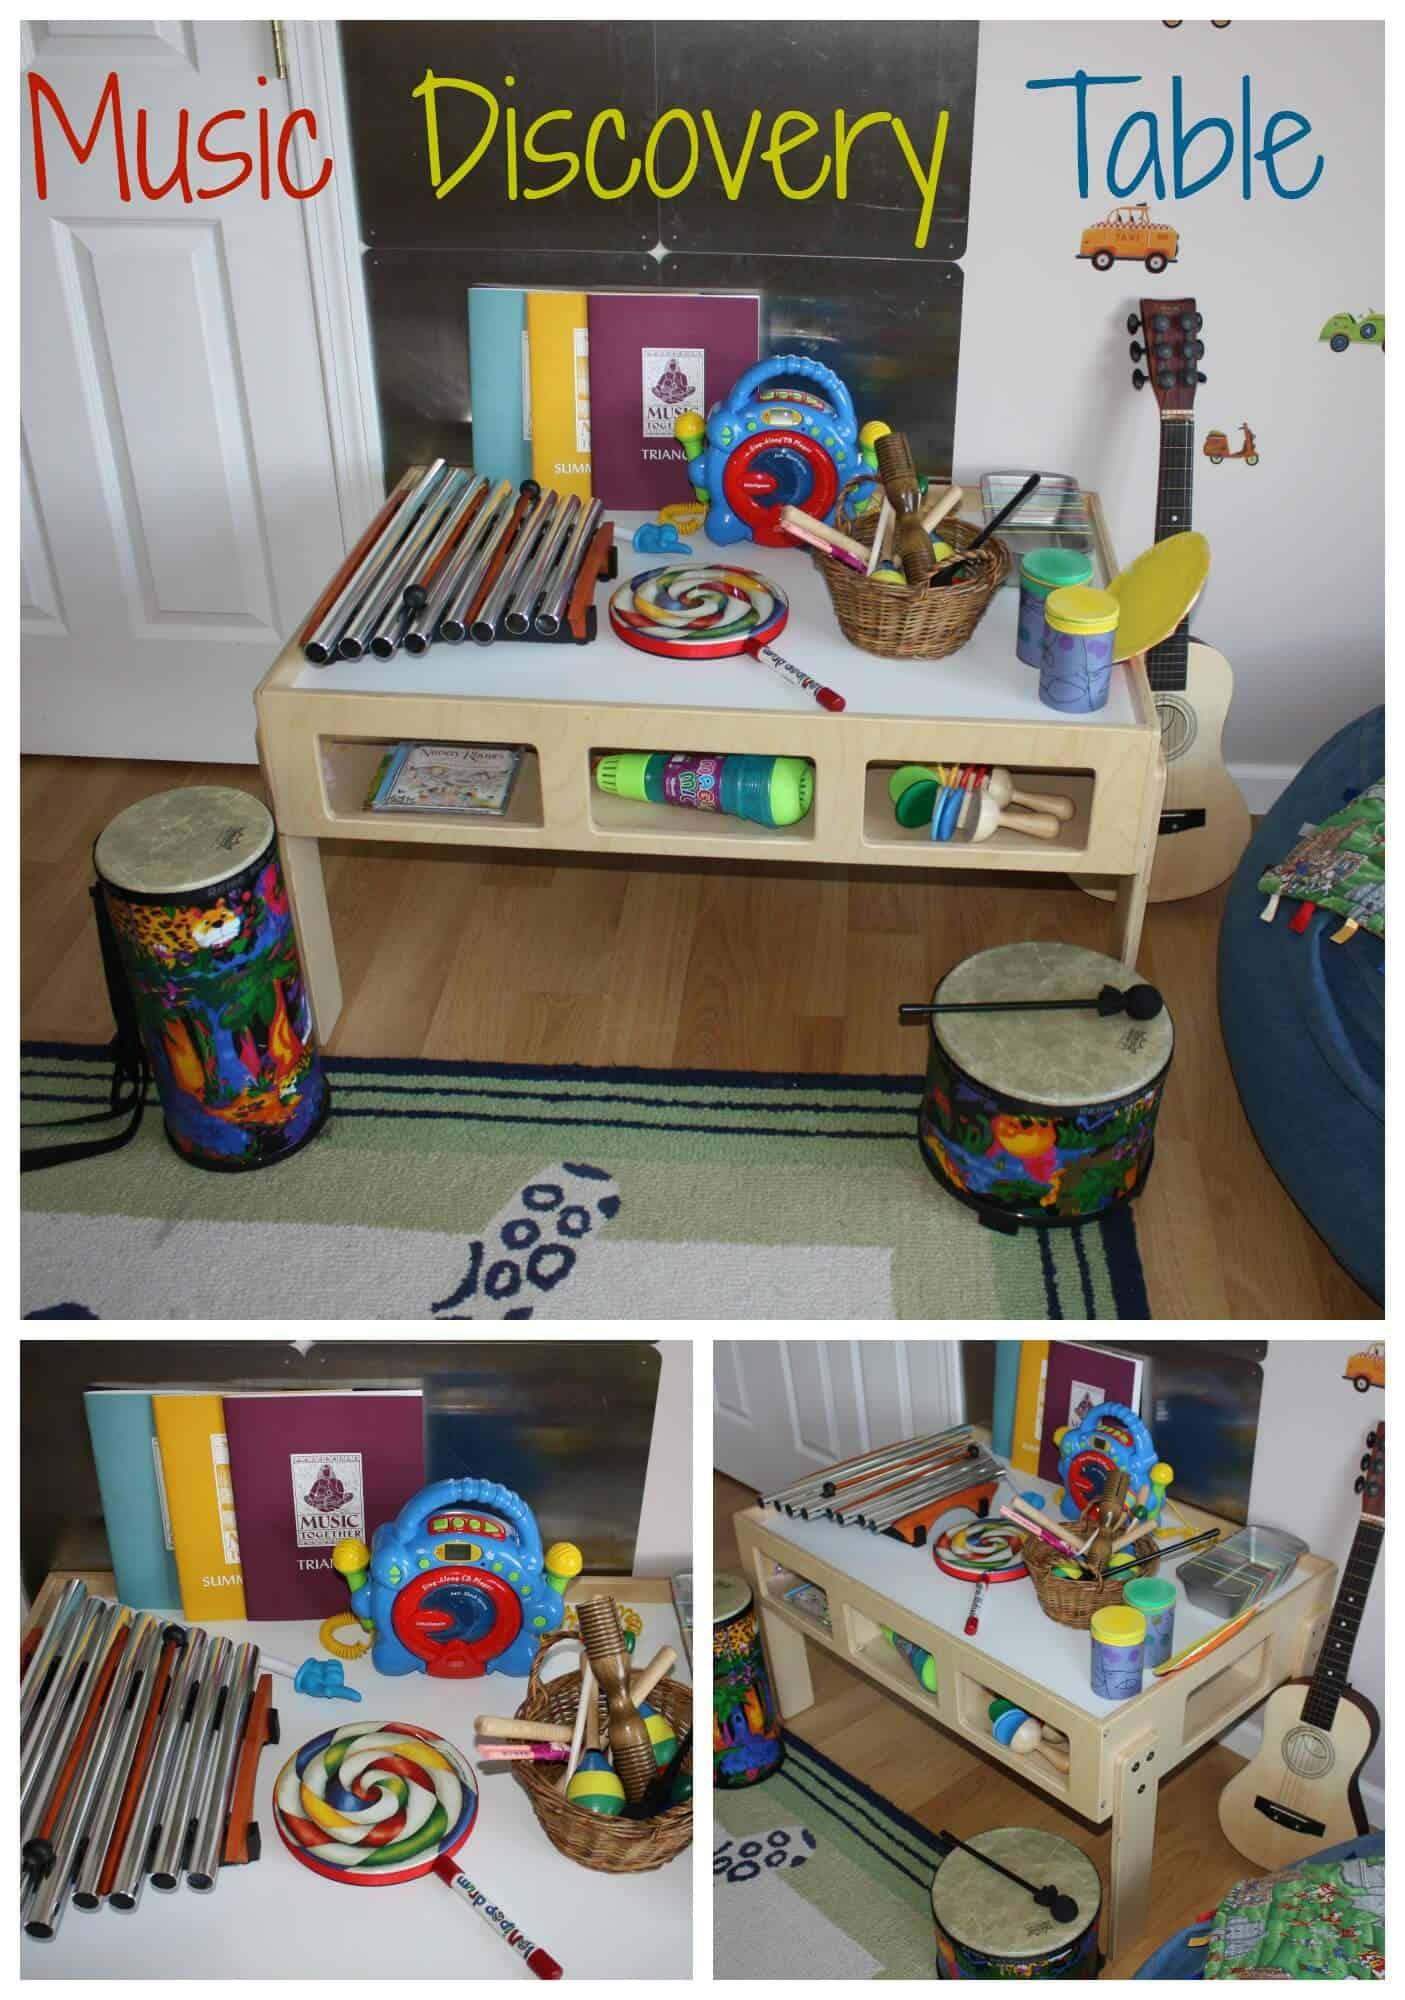 Kinder Garden: 25 Playful Learning Preschool Activities